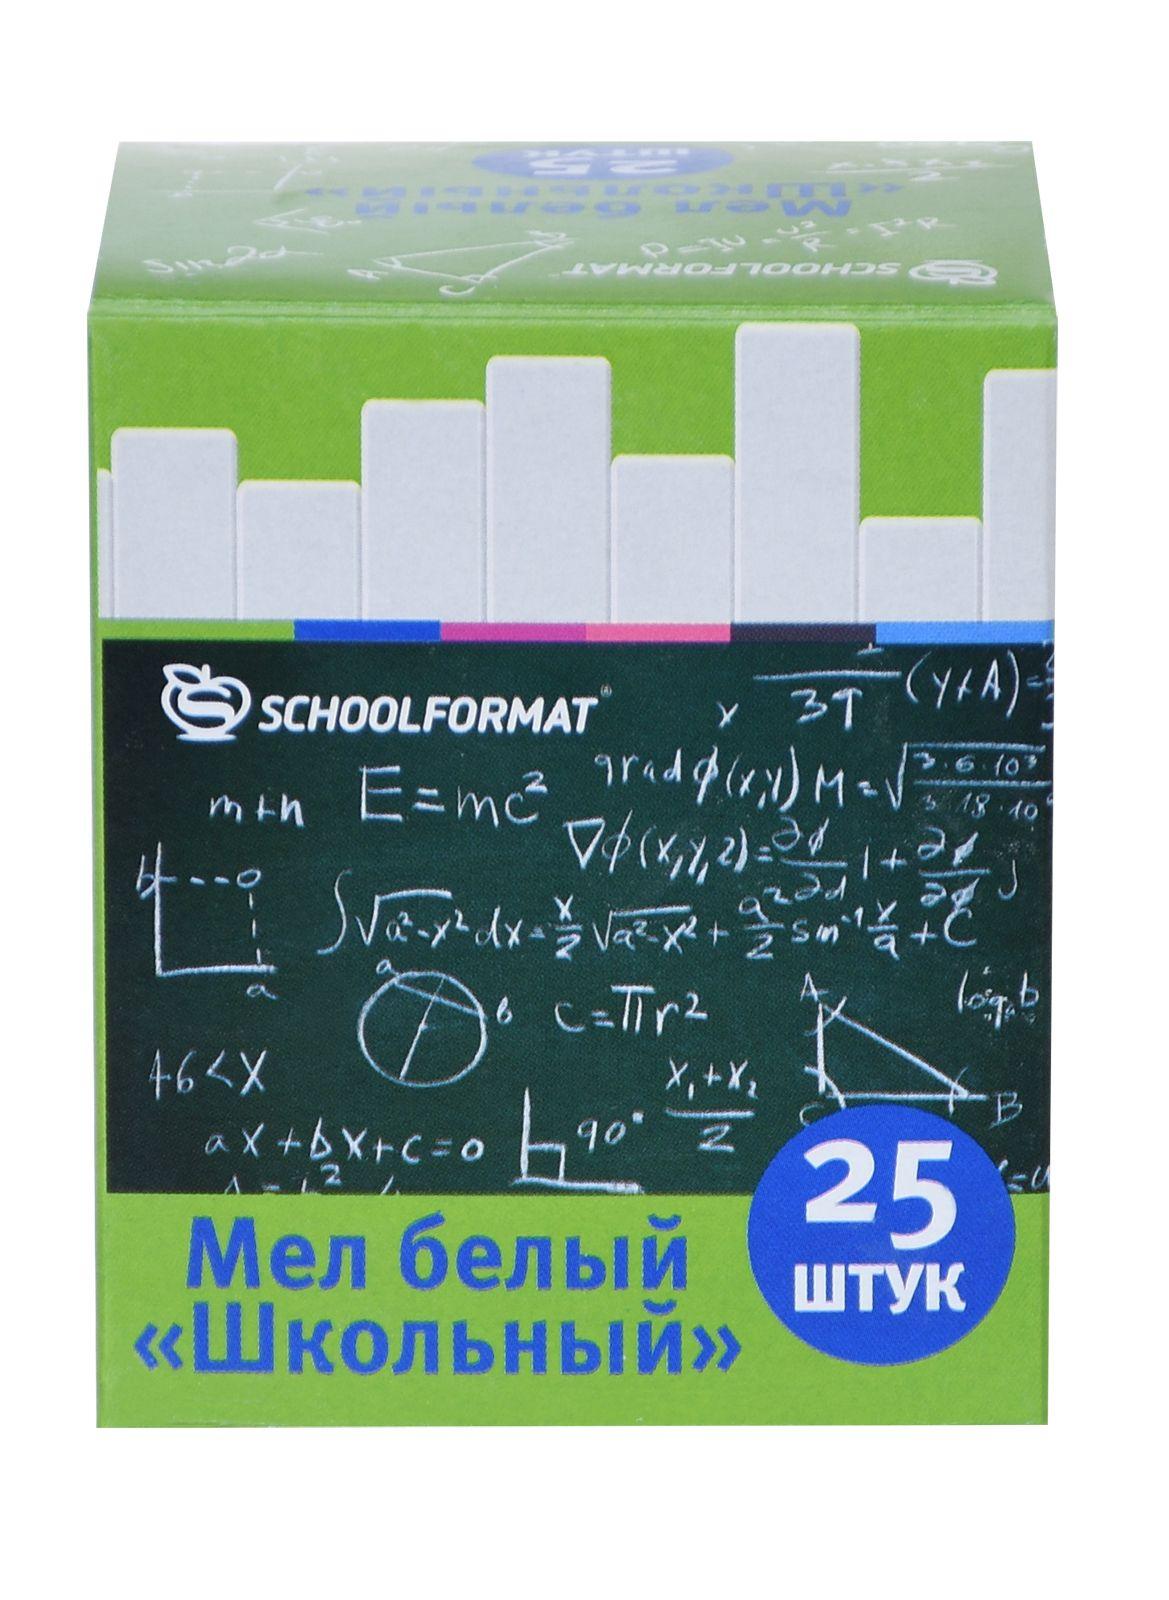 Мелки белые школьные Schoolformat 25 шт., картонная упаковка